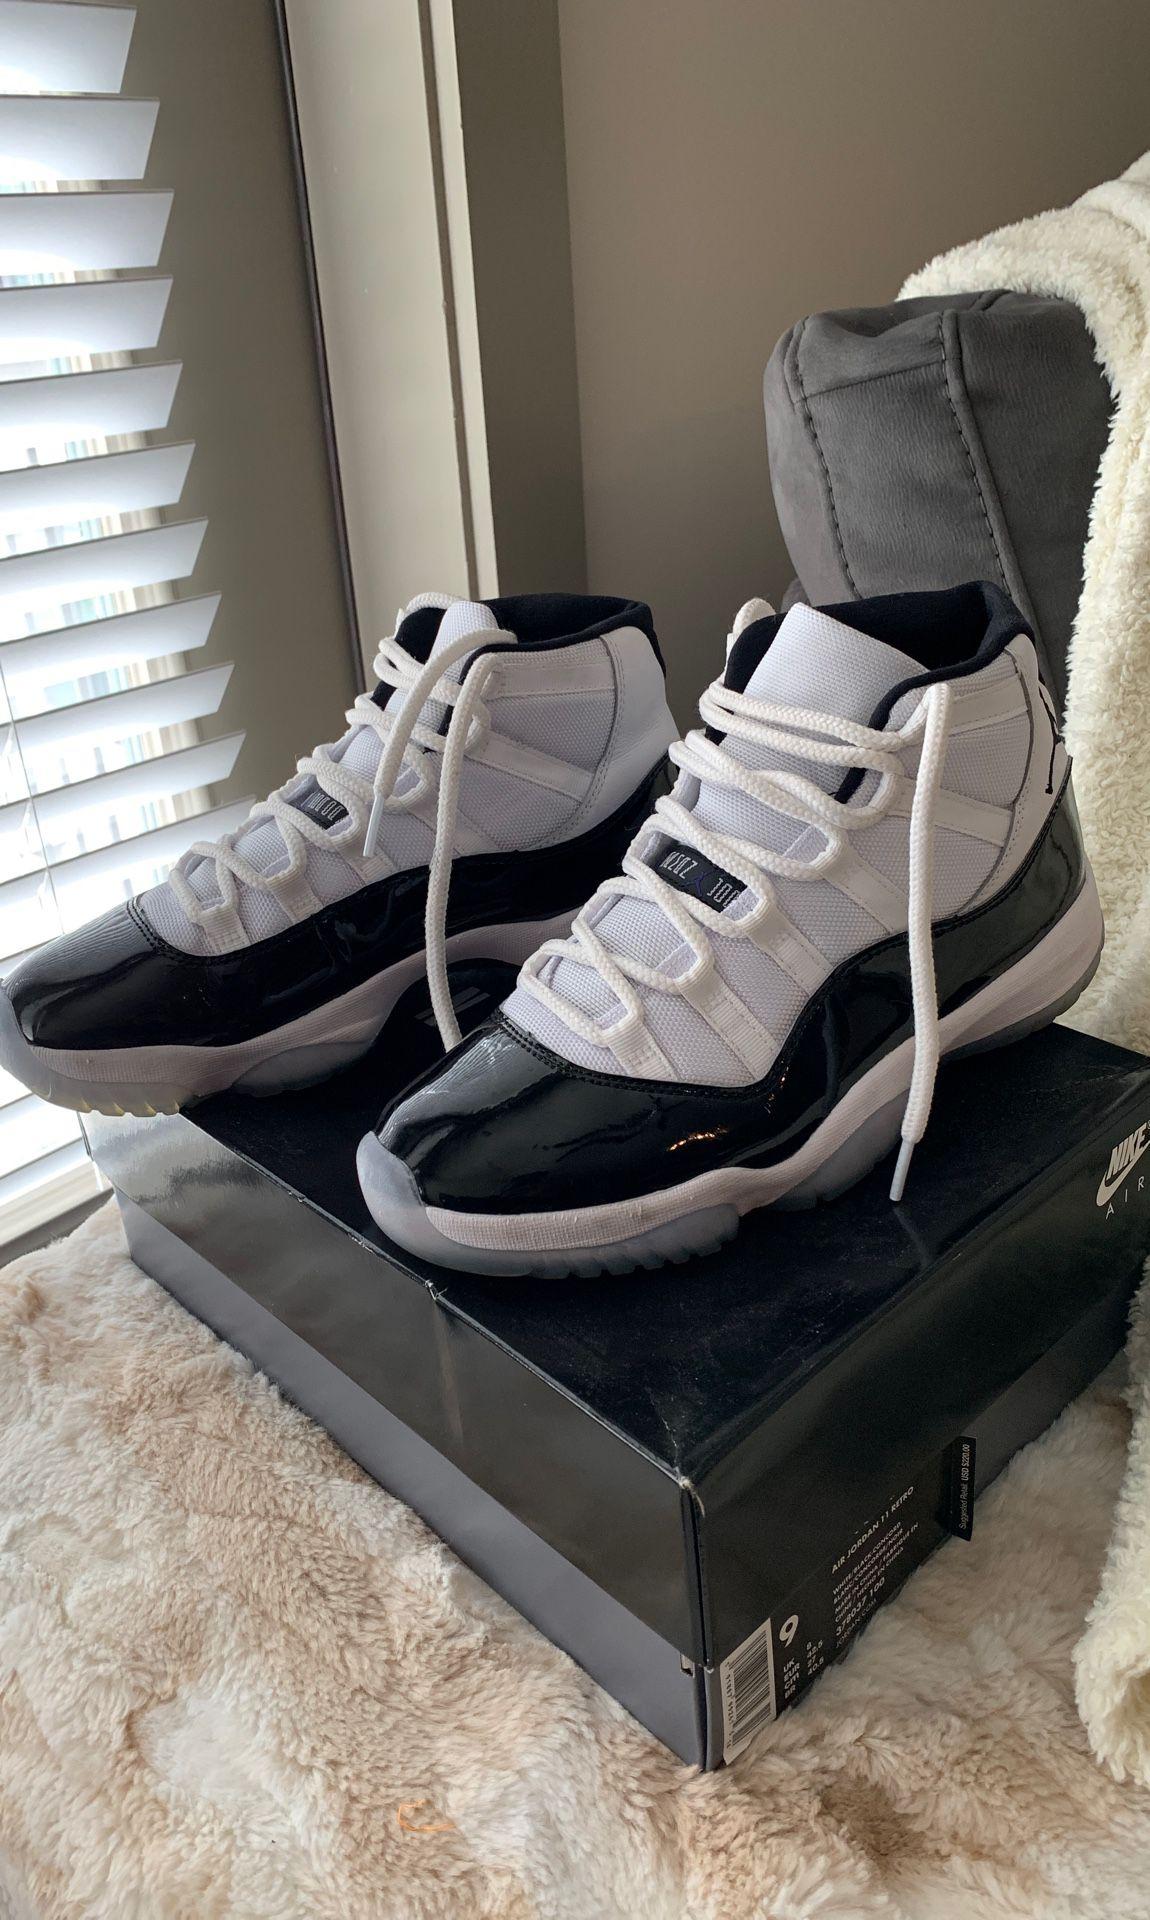 Concord 11 Size 9